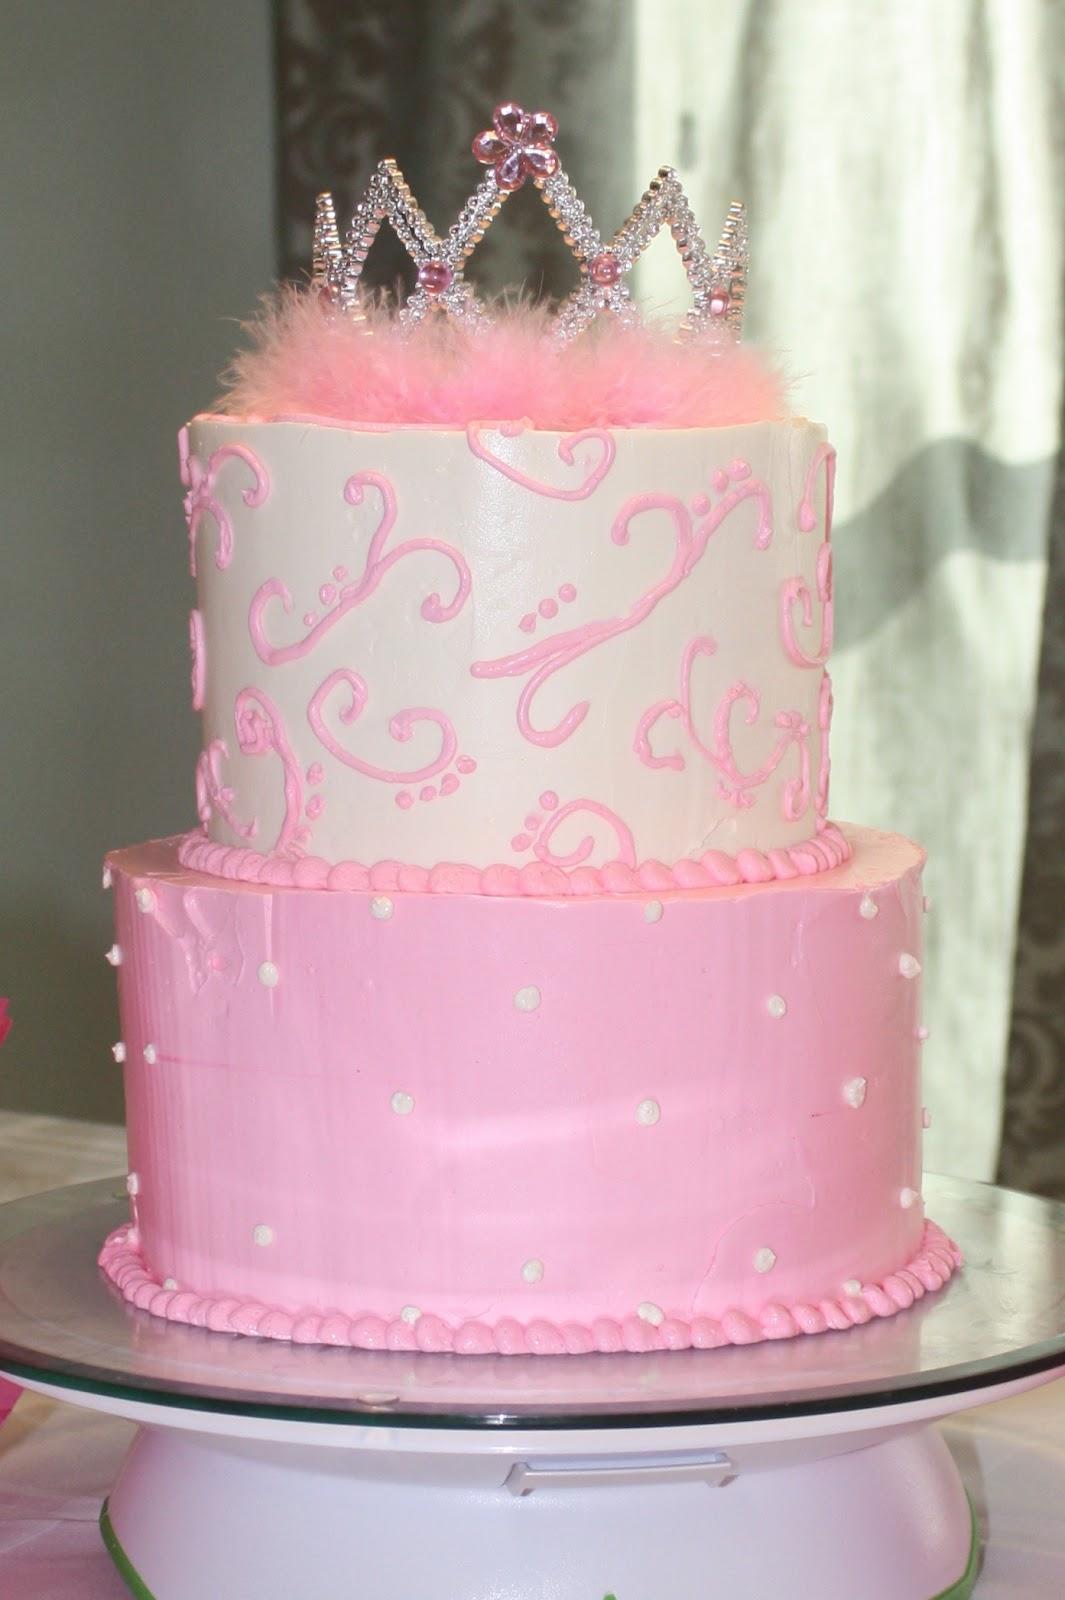 Bake Me A Cake Pink Princess Cake